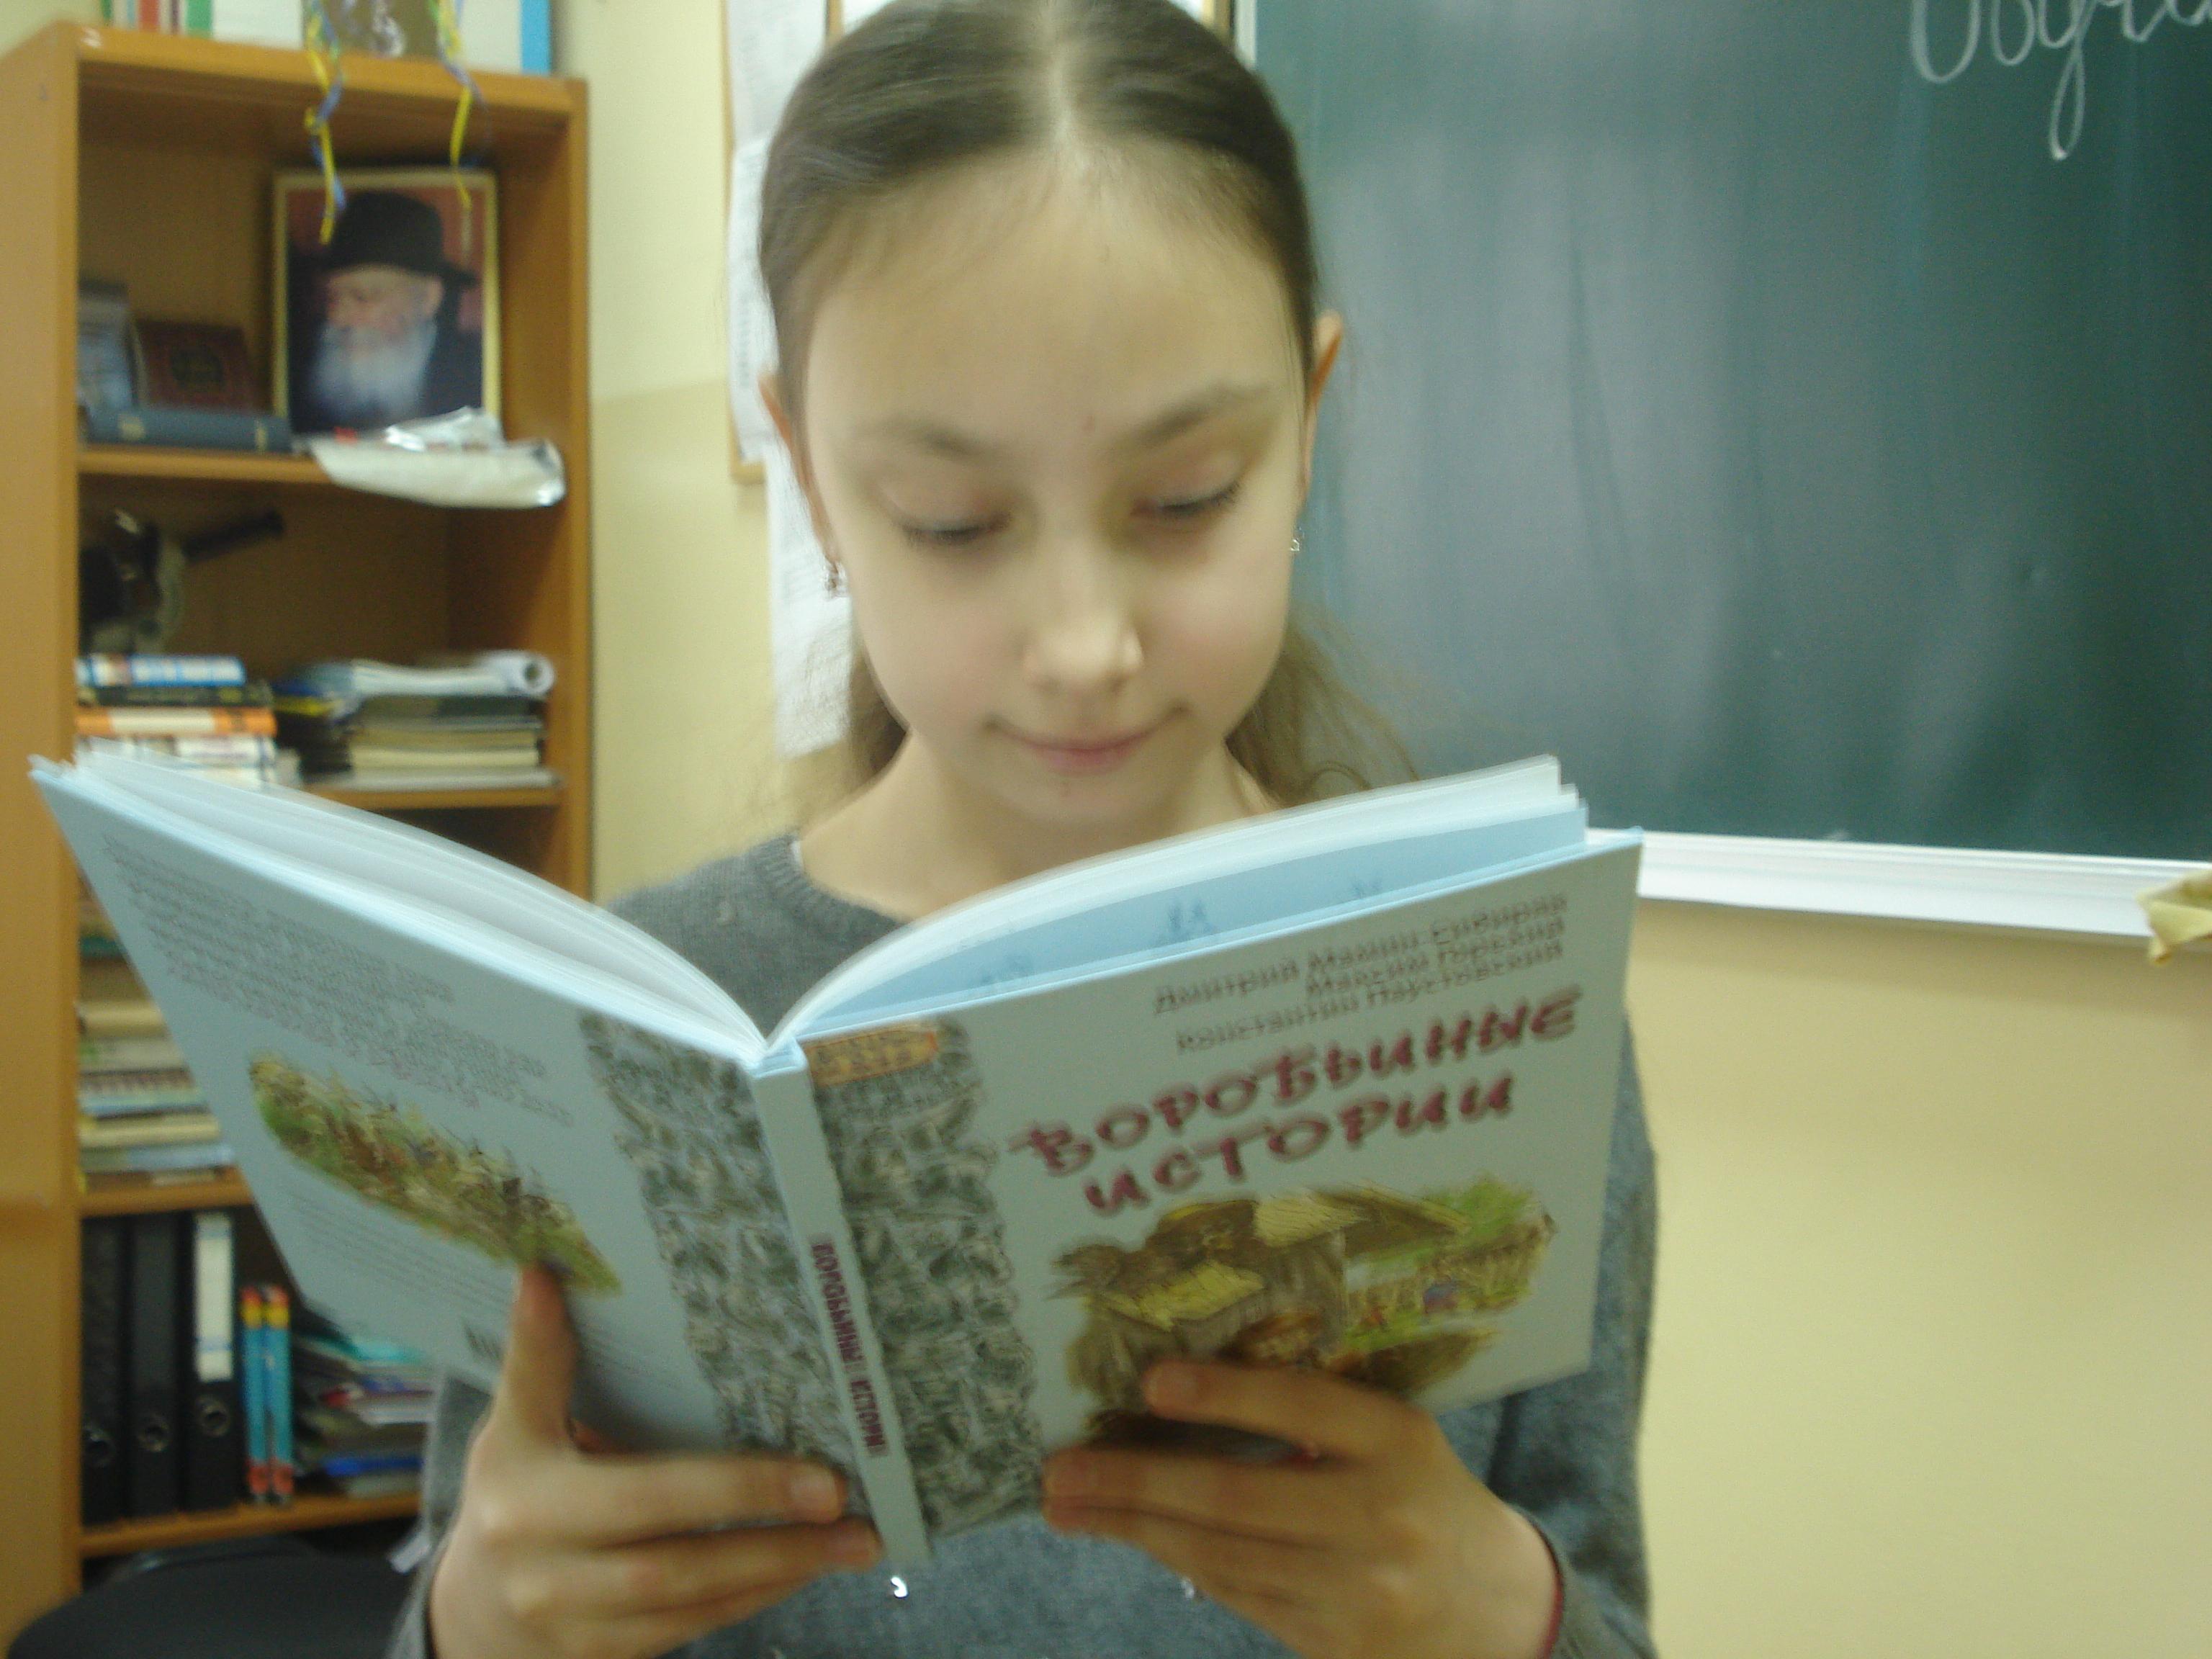 в минуты отдыха, пропаганда чтения и книги, донецкая республиканская библиотека для детей, отдел обслуживания учащихся 5-9 классов, донецкая школа ор-менахем